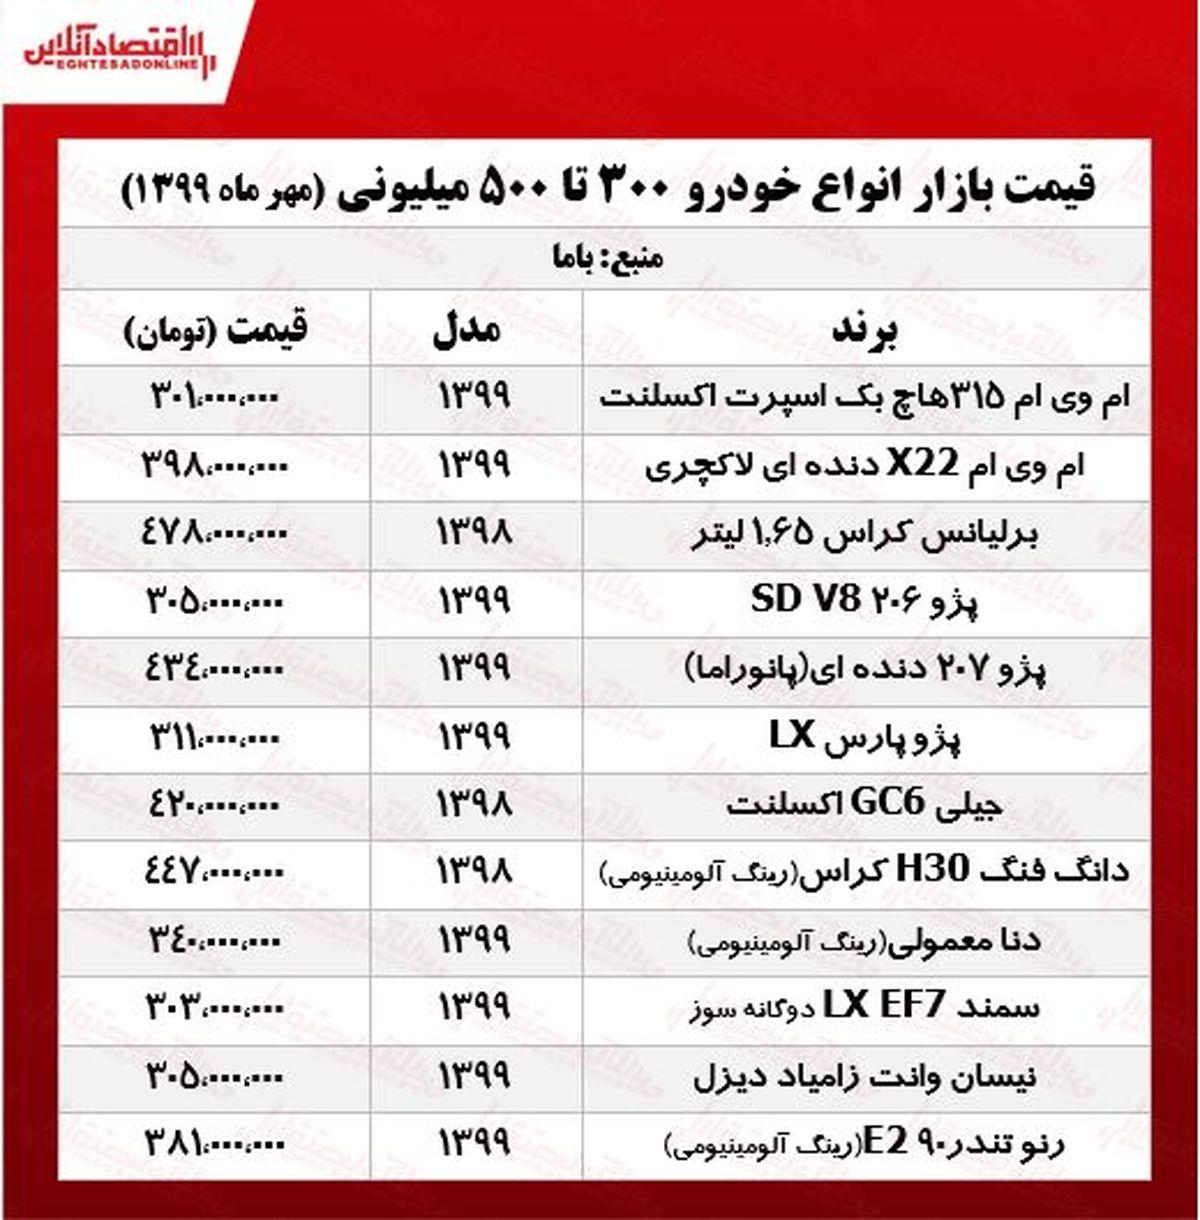 خودروهای ۳۰۰ تا ۵۰۰ میلیونی بازار تهران +جدول